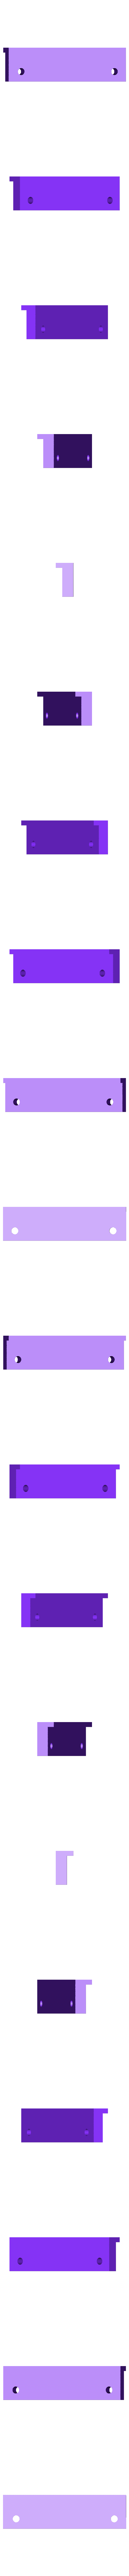 Left Rail Section No Threads.stl Télécharger fichier STL gratuit Glock 17 g17 • Design à imprimer en 3D, idy26